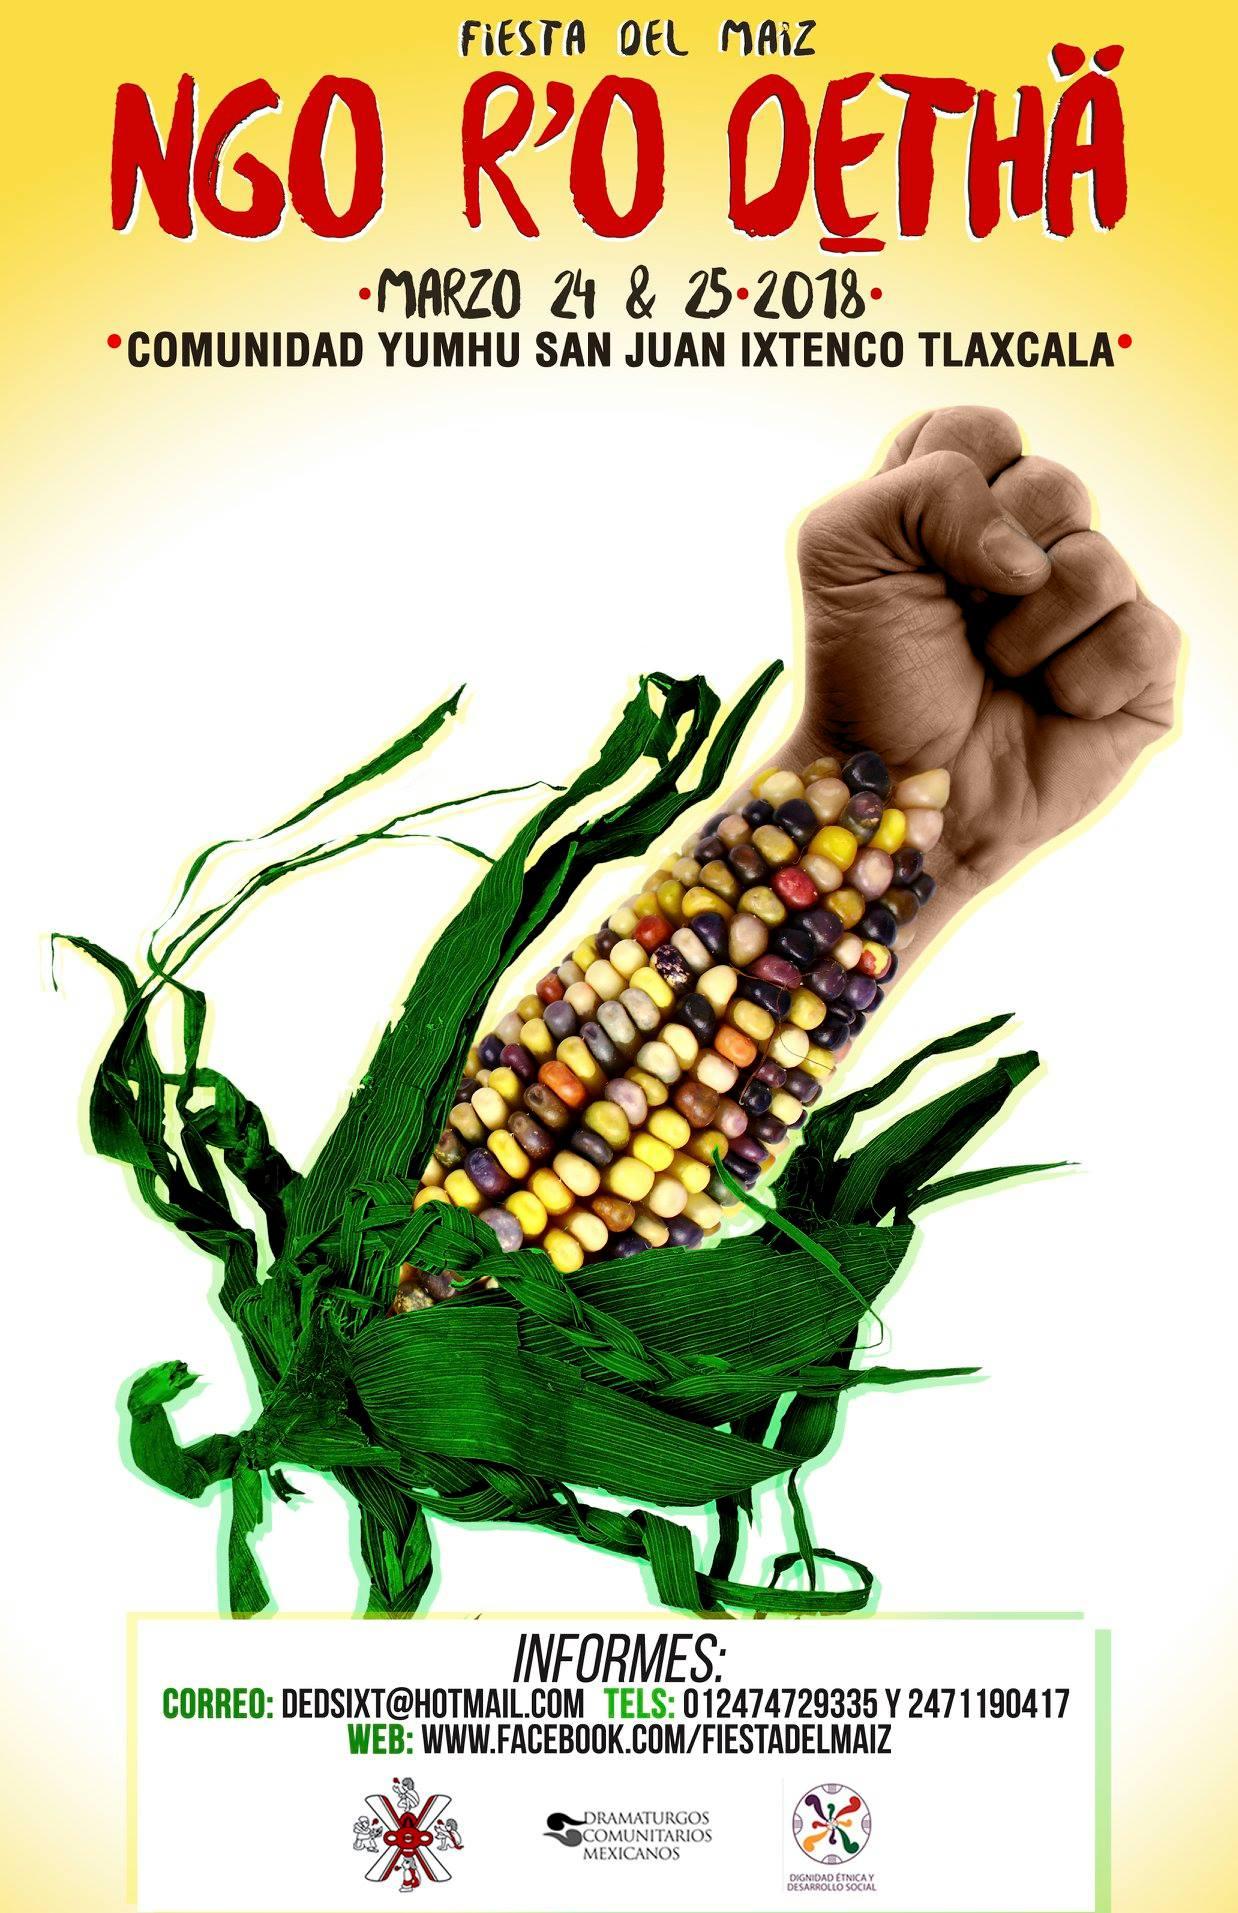 Apoya la Fiesta del maíz de Ixtenco Tlaxcala #Marzo 2018  ¡No a los transgénicos!